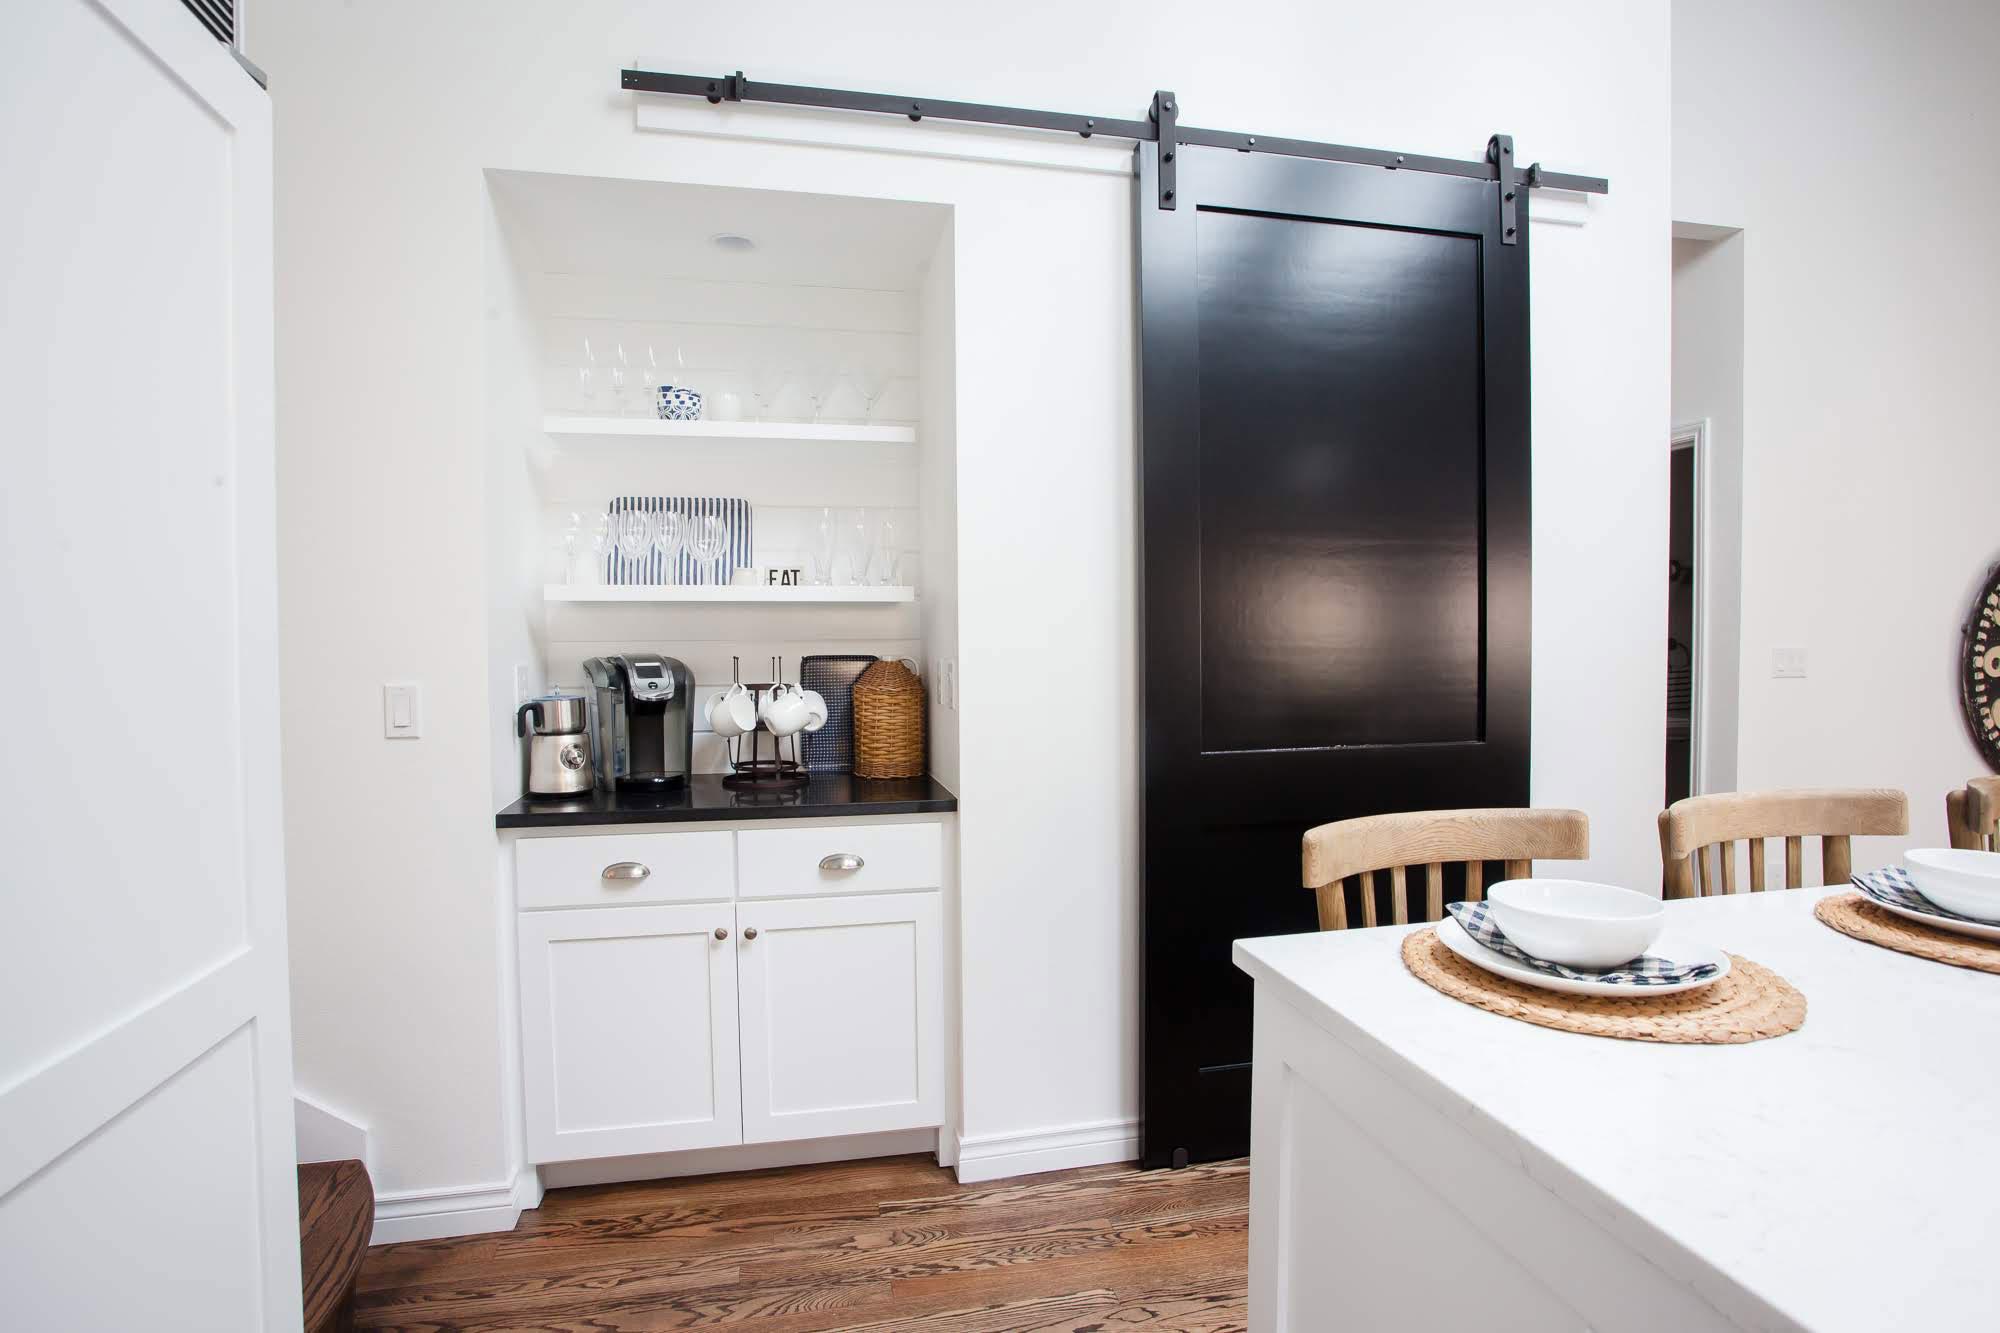 Stacey_Steward_Interior_Design_Kitchen_Portfolio_Barn_Door_2000x1333.jpg